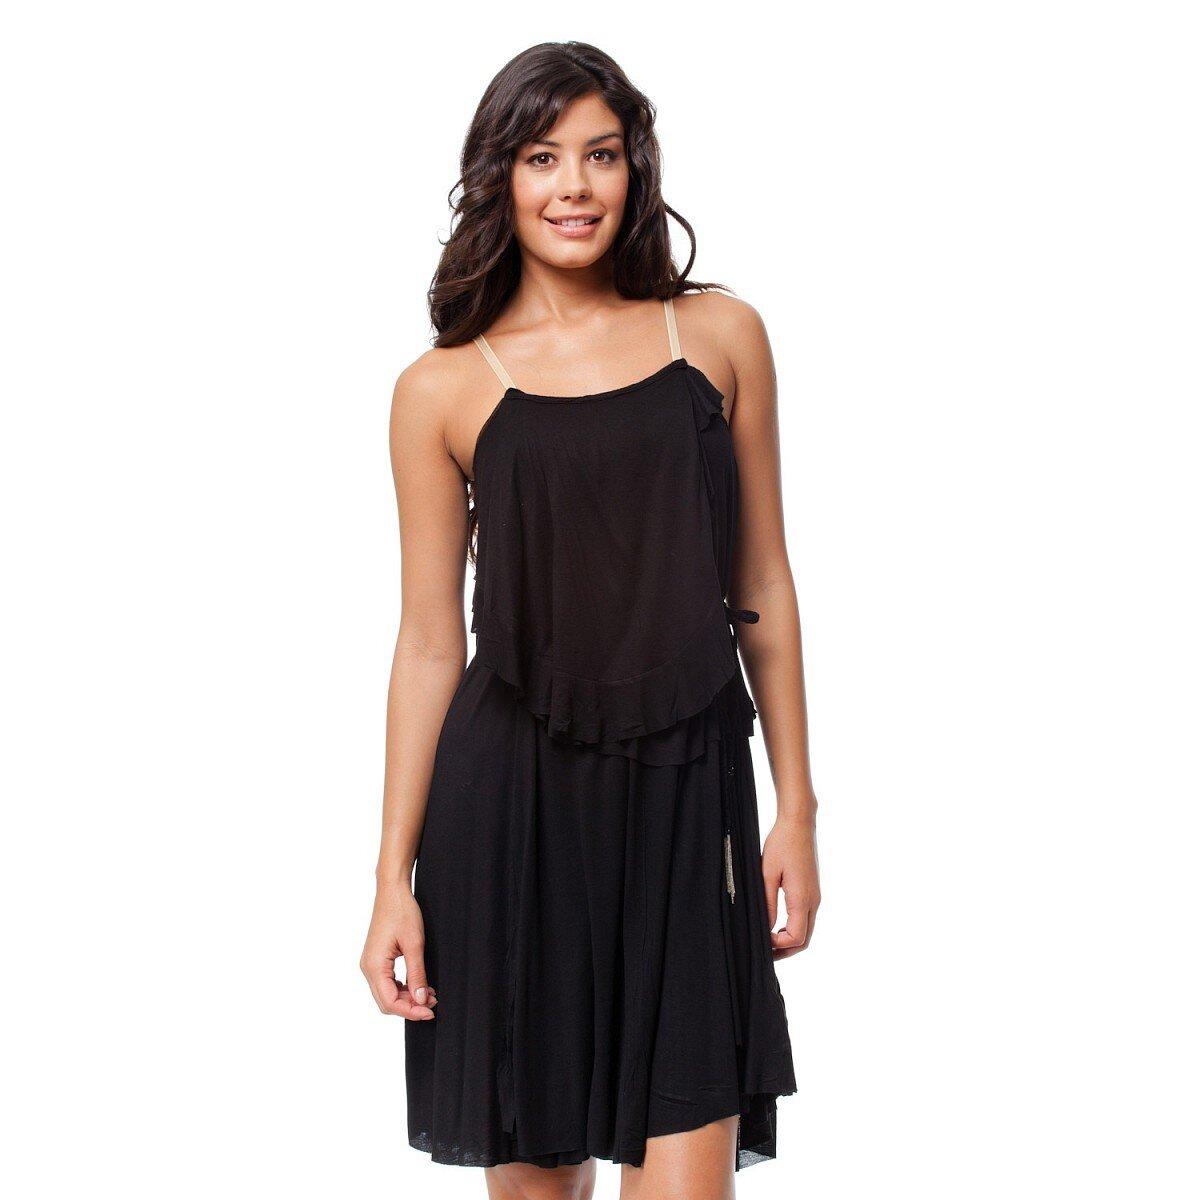 7a41207e191b Romantické černé šaty s volány Guess